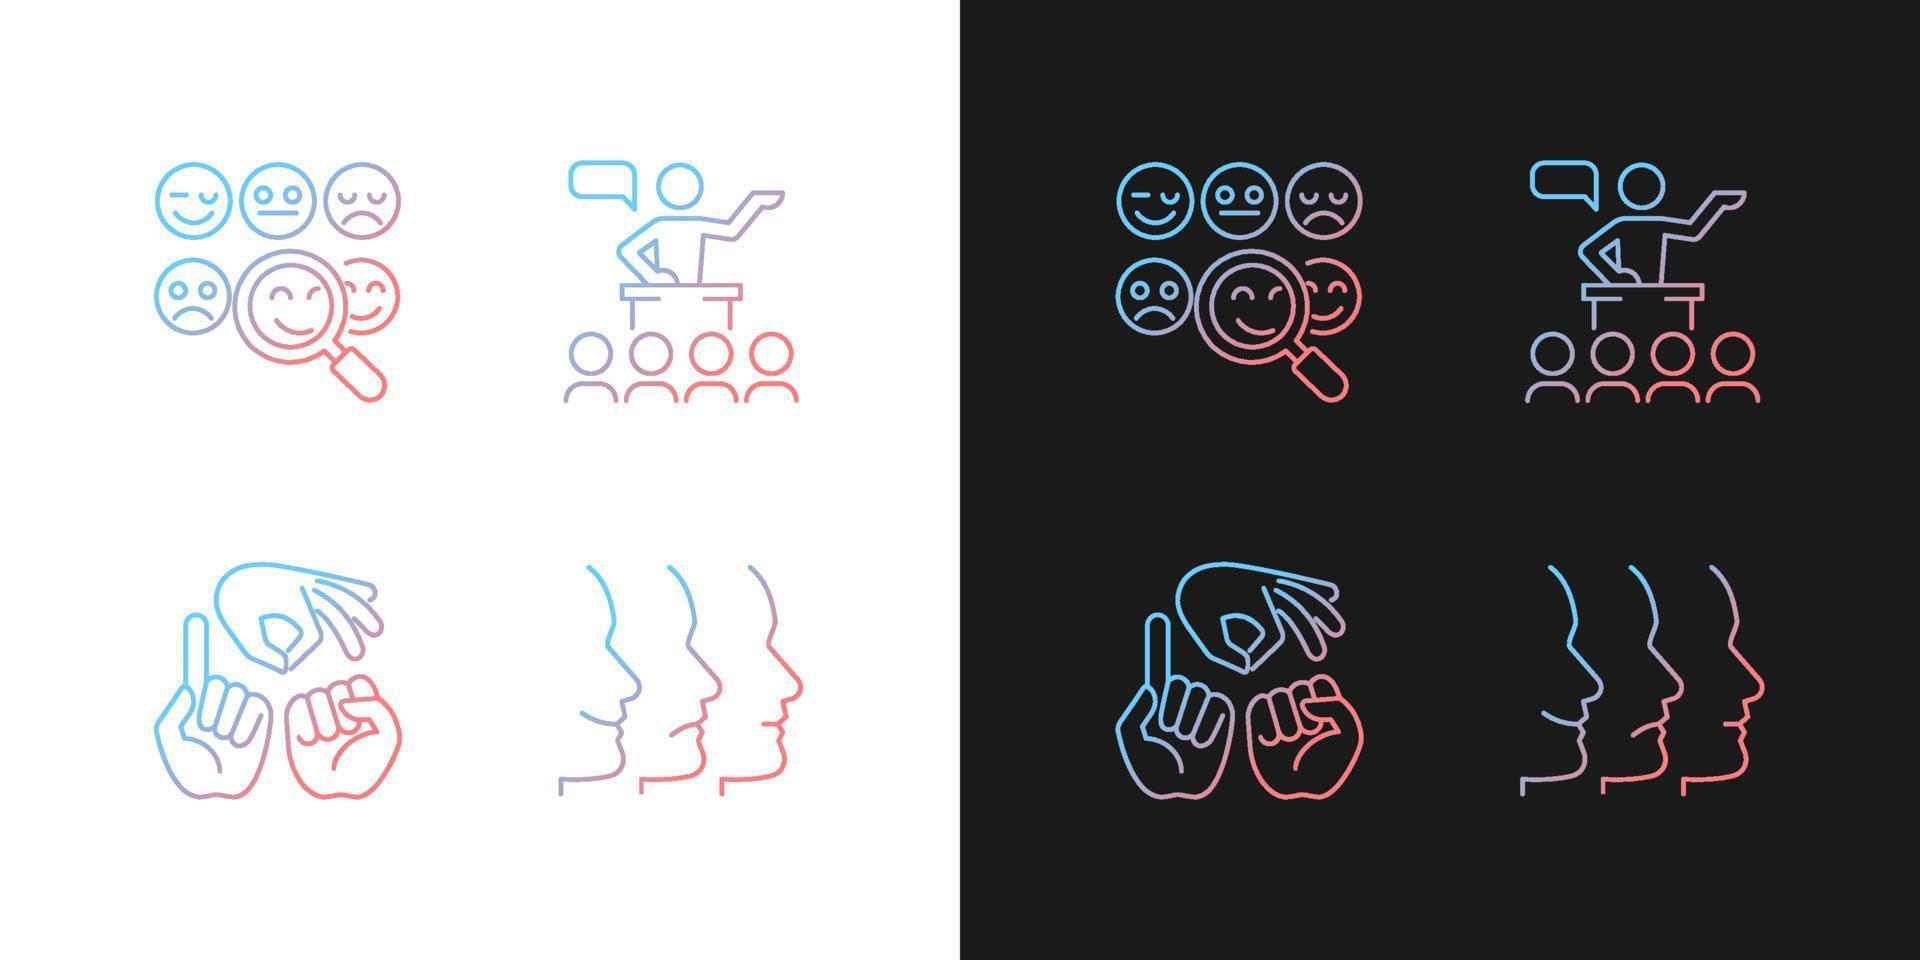 construir relacionamentos com pessoas ícones gradientes definidos para o modo claro e escuro vetor